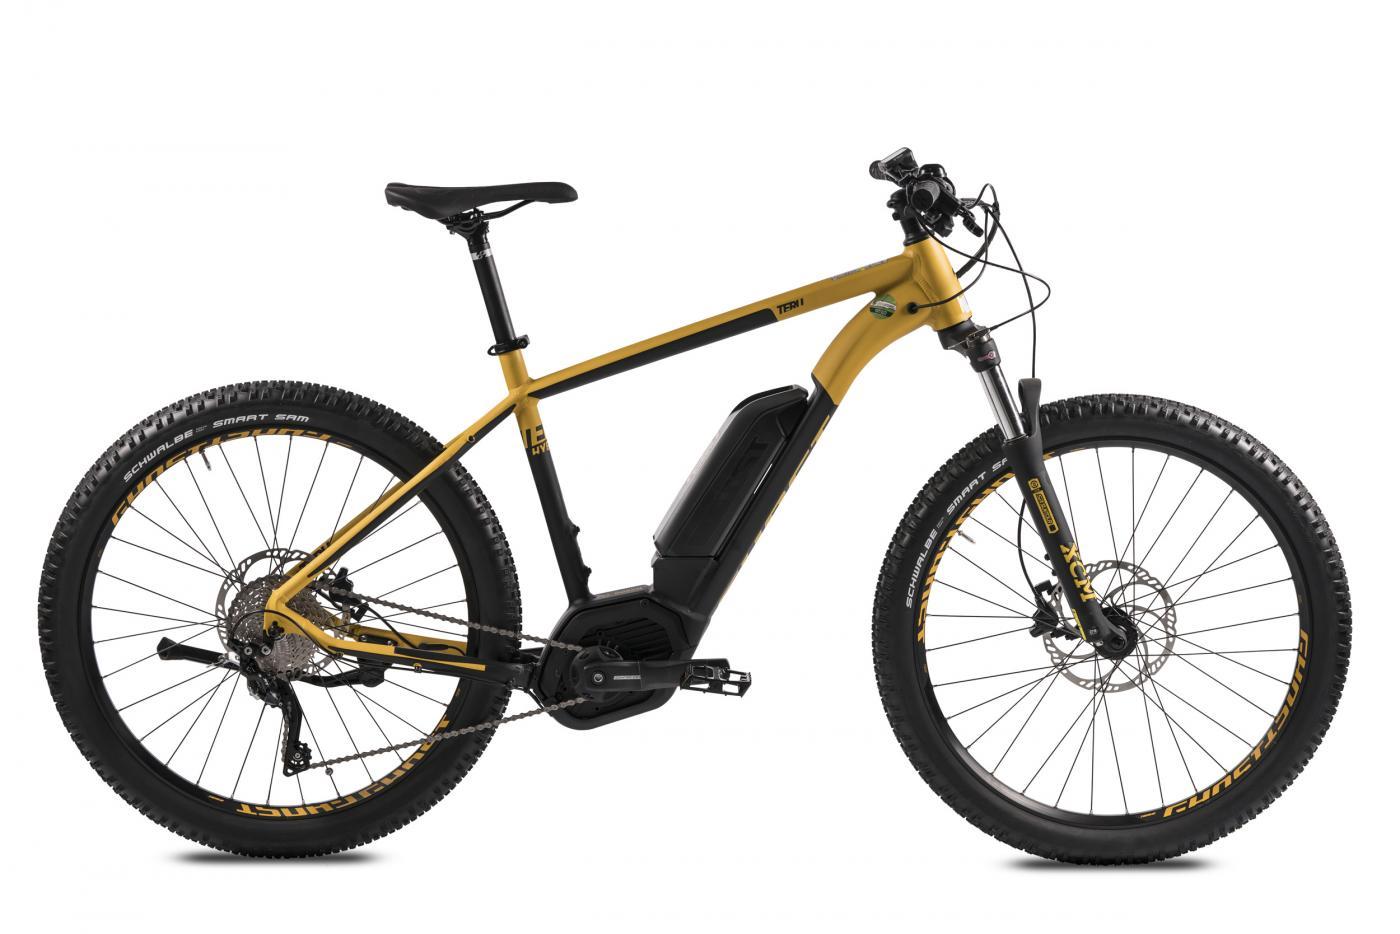 Ghost Jugend Fahrrad in 8160 Thannhausen für € 200,00 zum